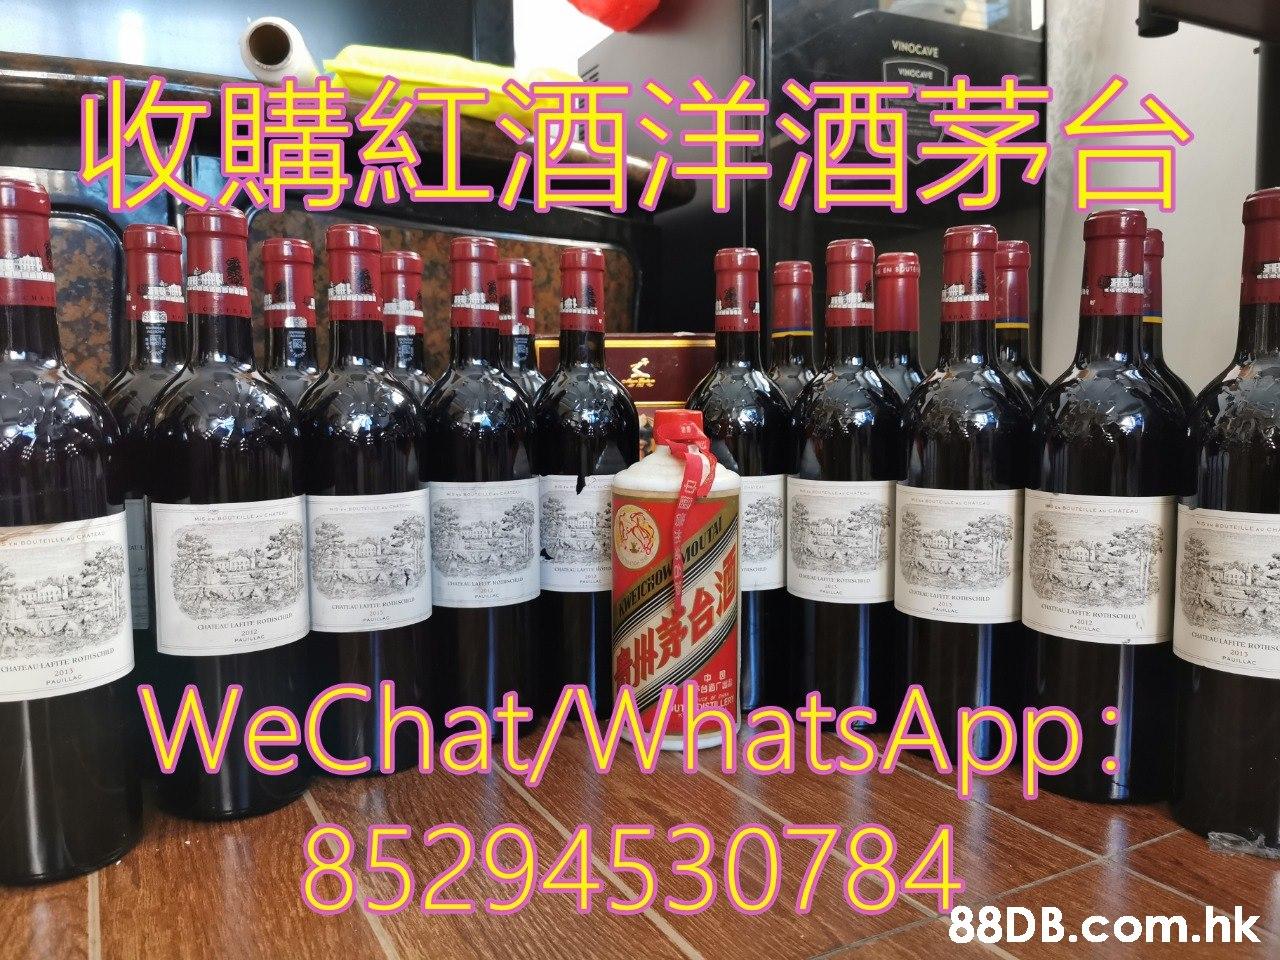 收購紅酒洋酒茅台 VINOCAVE BOUTEILLC CRATEA SabourciLLE CHATEAU KWEICHOW MOUTH CHATEAULAFITE RODISCHD WeChat/WhatsApp: PAUILLAH OHITEALLAFITE HOTHS 85294530784 .hk  Alcoholic beverage,Bottle,Drink,Glass bottle,Liqueur